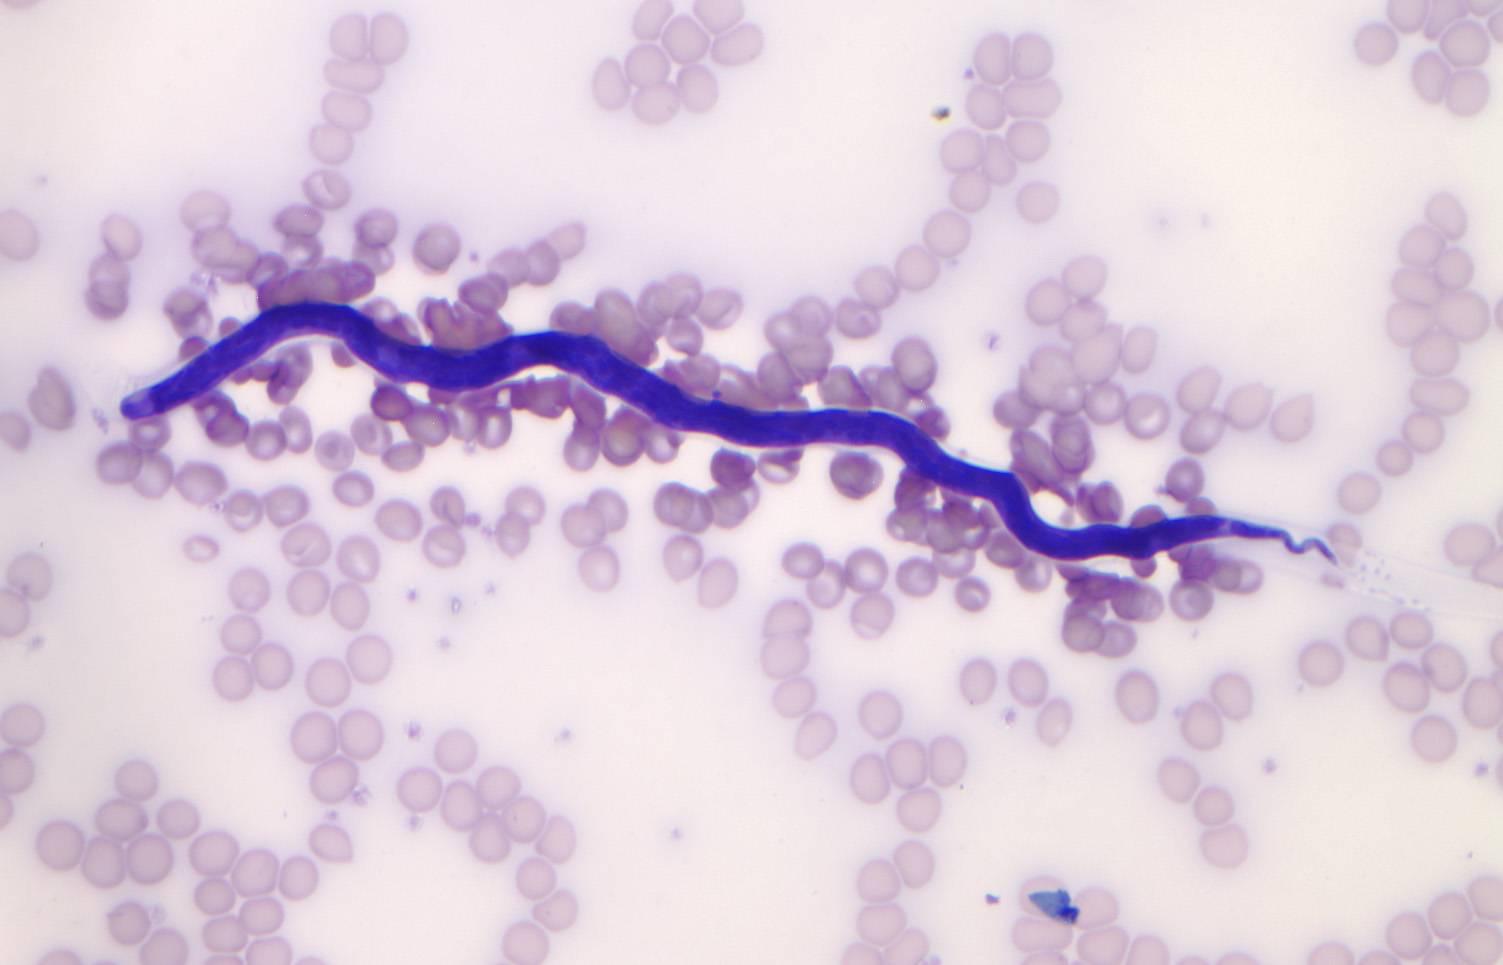 Капилляриоз печеночный  - симптомы болезни, профилактика и лечение капилляриоза печеночного , причины заболевания и его диагностика на eurolab